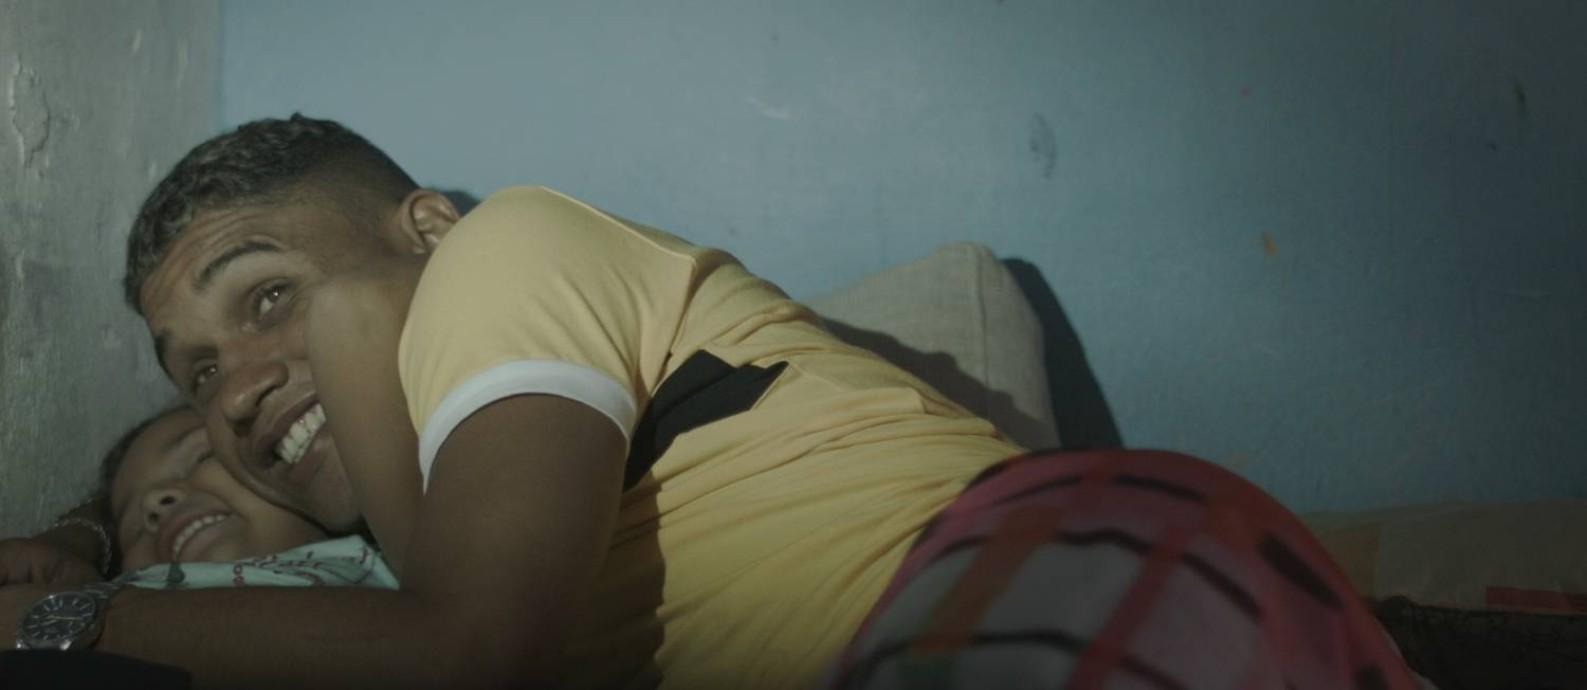 Cena do filme 'Corpo delito' Foto: Divulgação